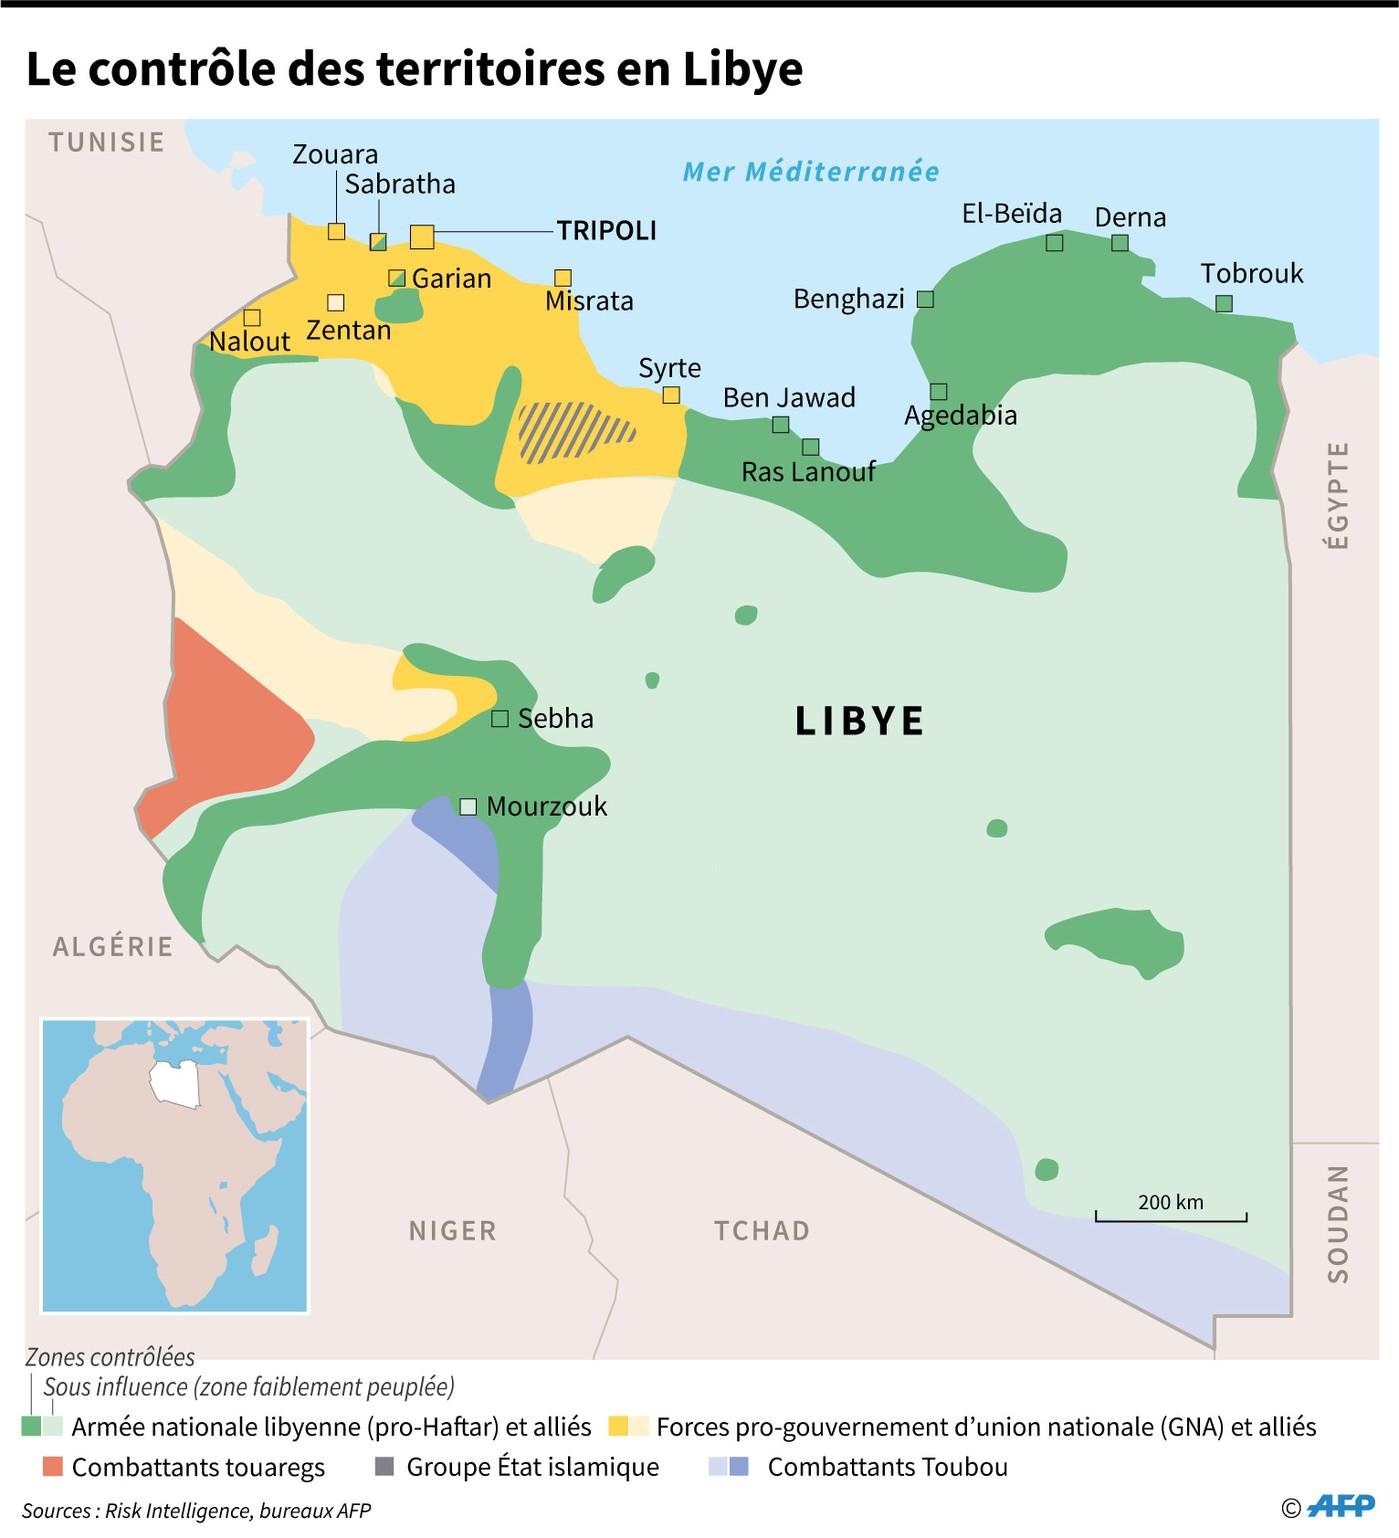 FLASH.GEOPOL - 029 - Canard Libye (2019 07 24) FR (2)